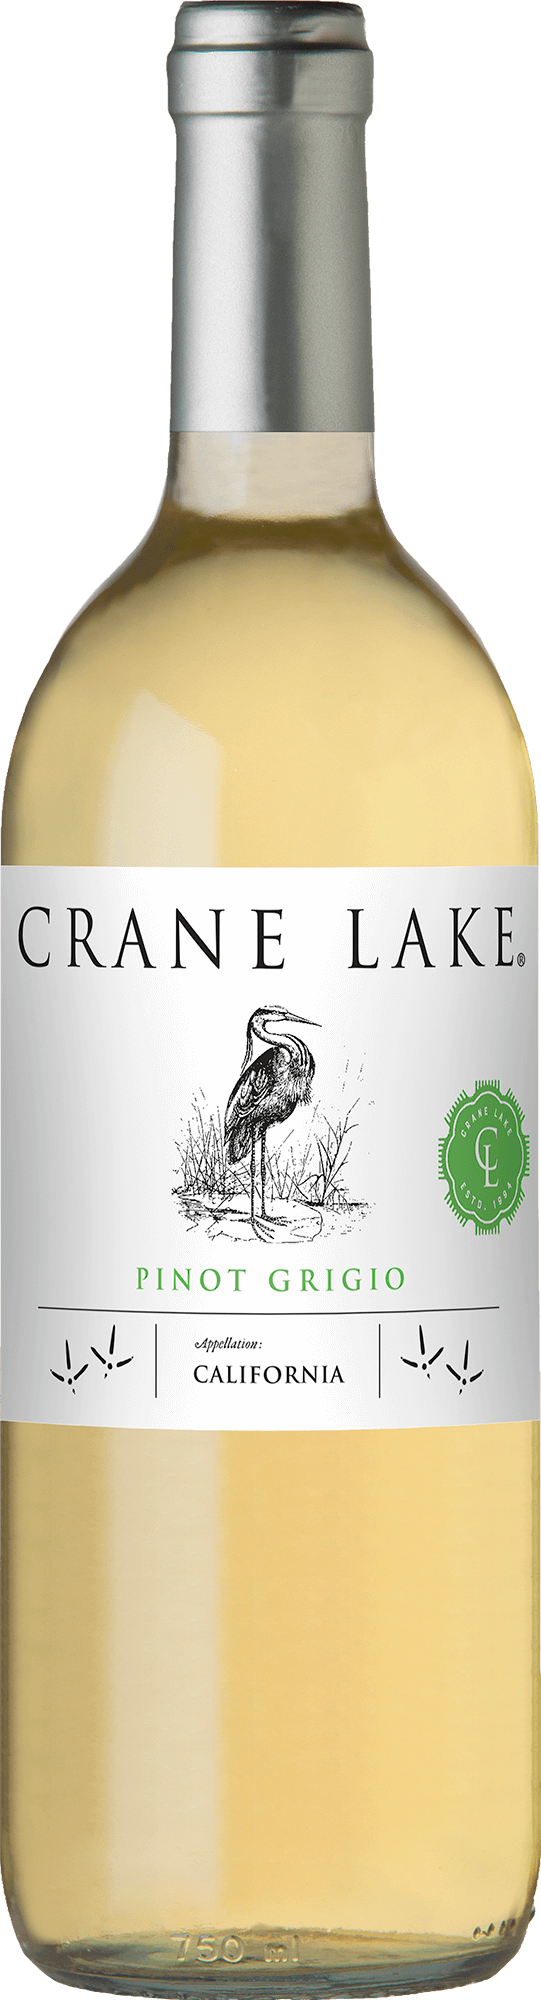 Crane Lake Pinot Grigio Bottleshots